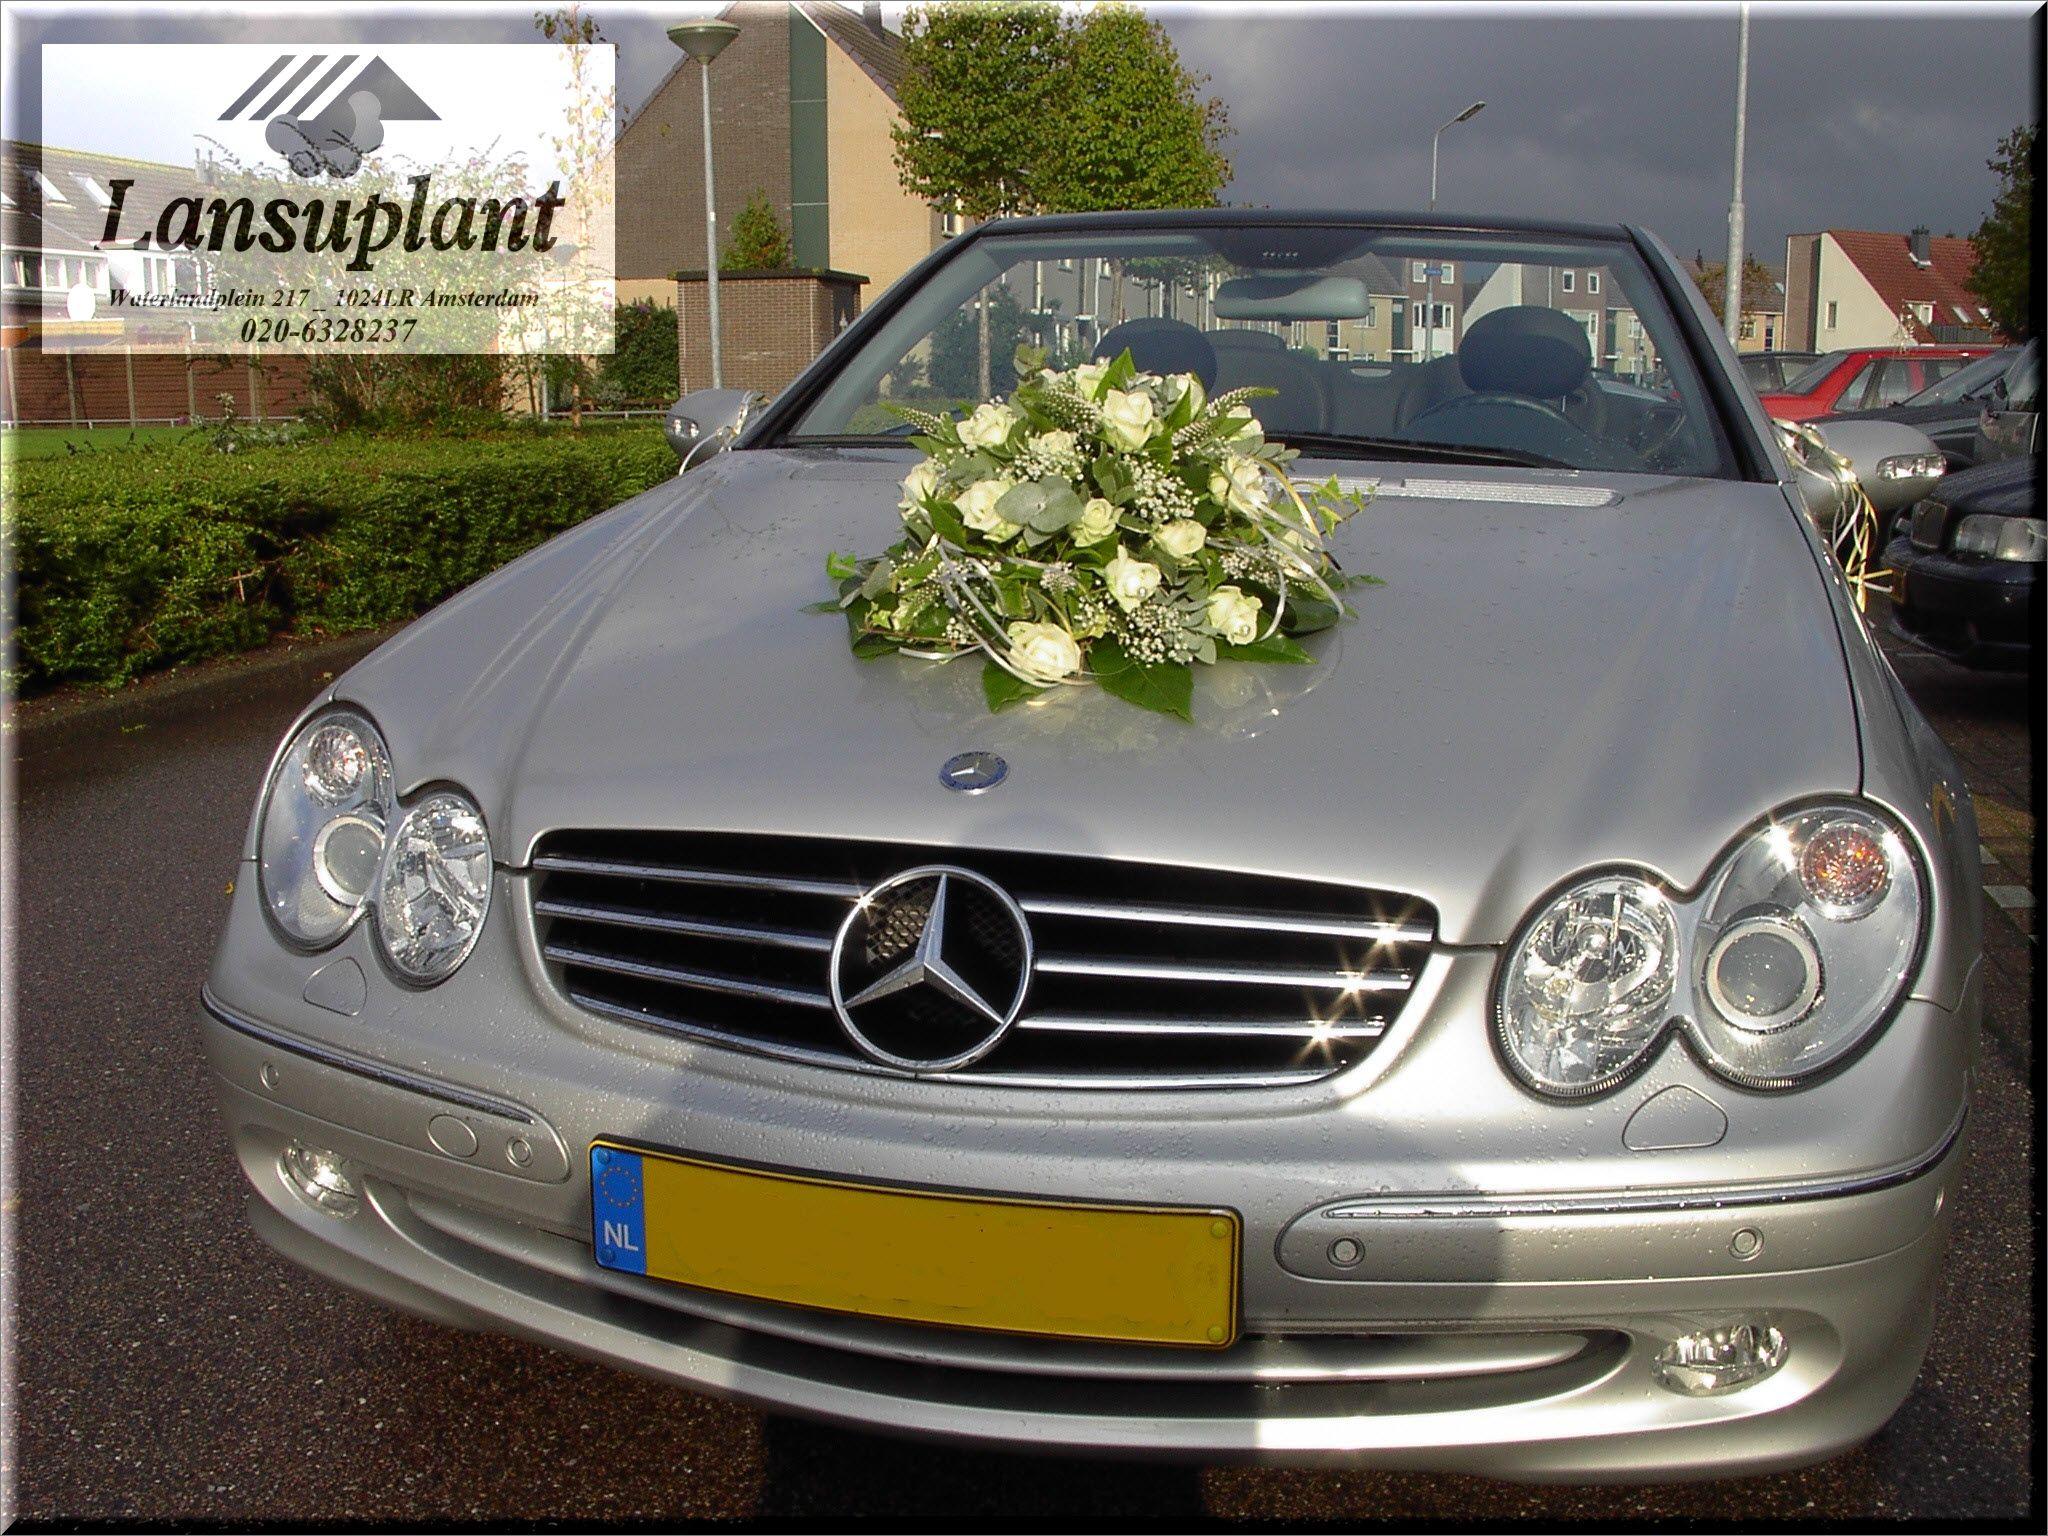 #Autostuk trouwauto voor een onvergetelijke huwelijksdag. Gemaakt door bloemenwinkel #Lansuplant Waterlandplein #Amsterdam